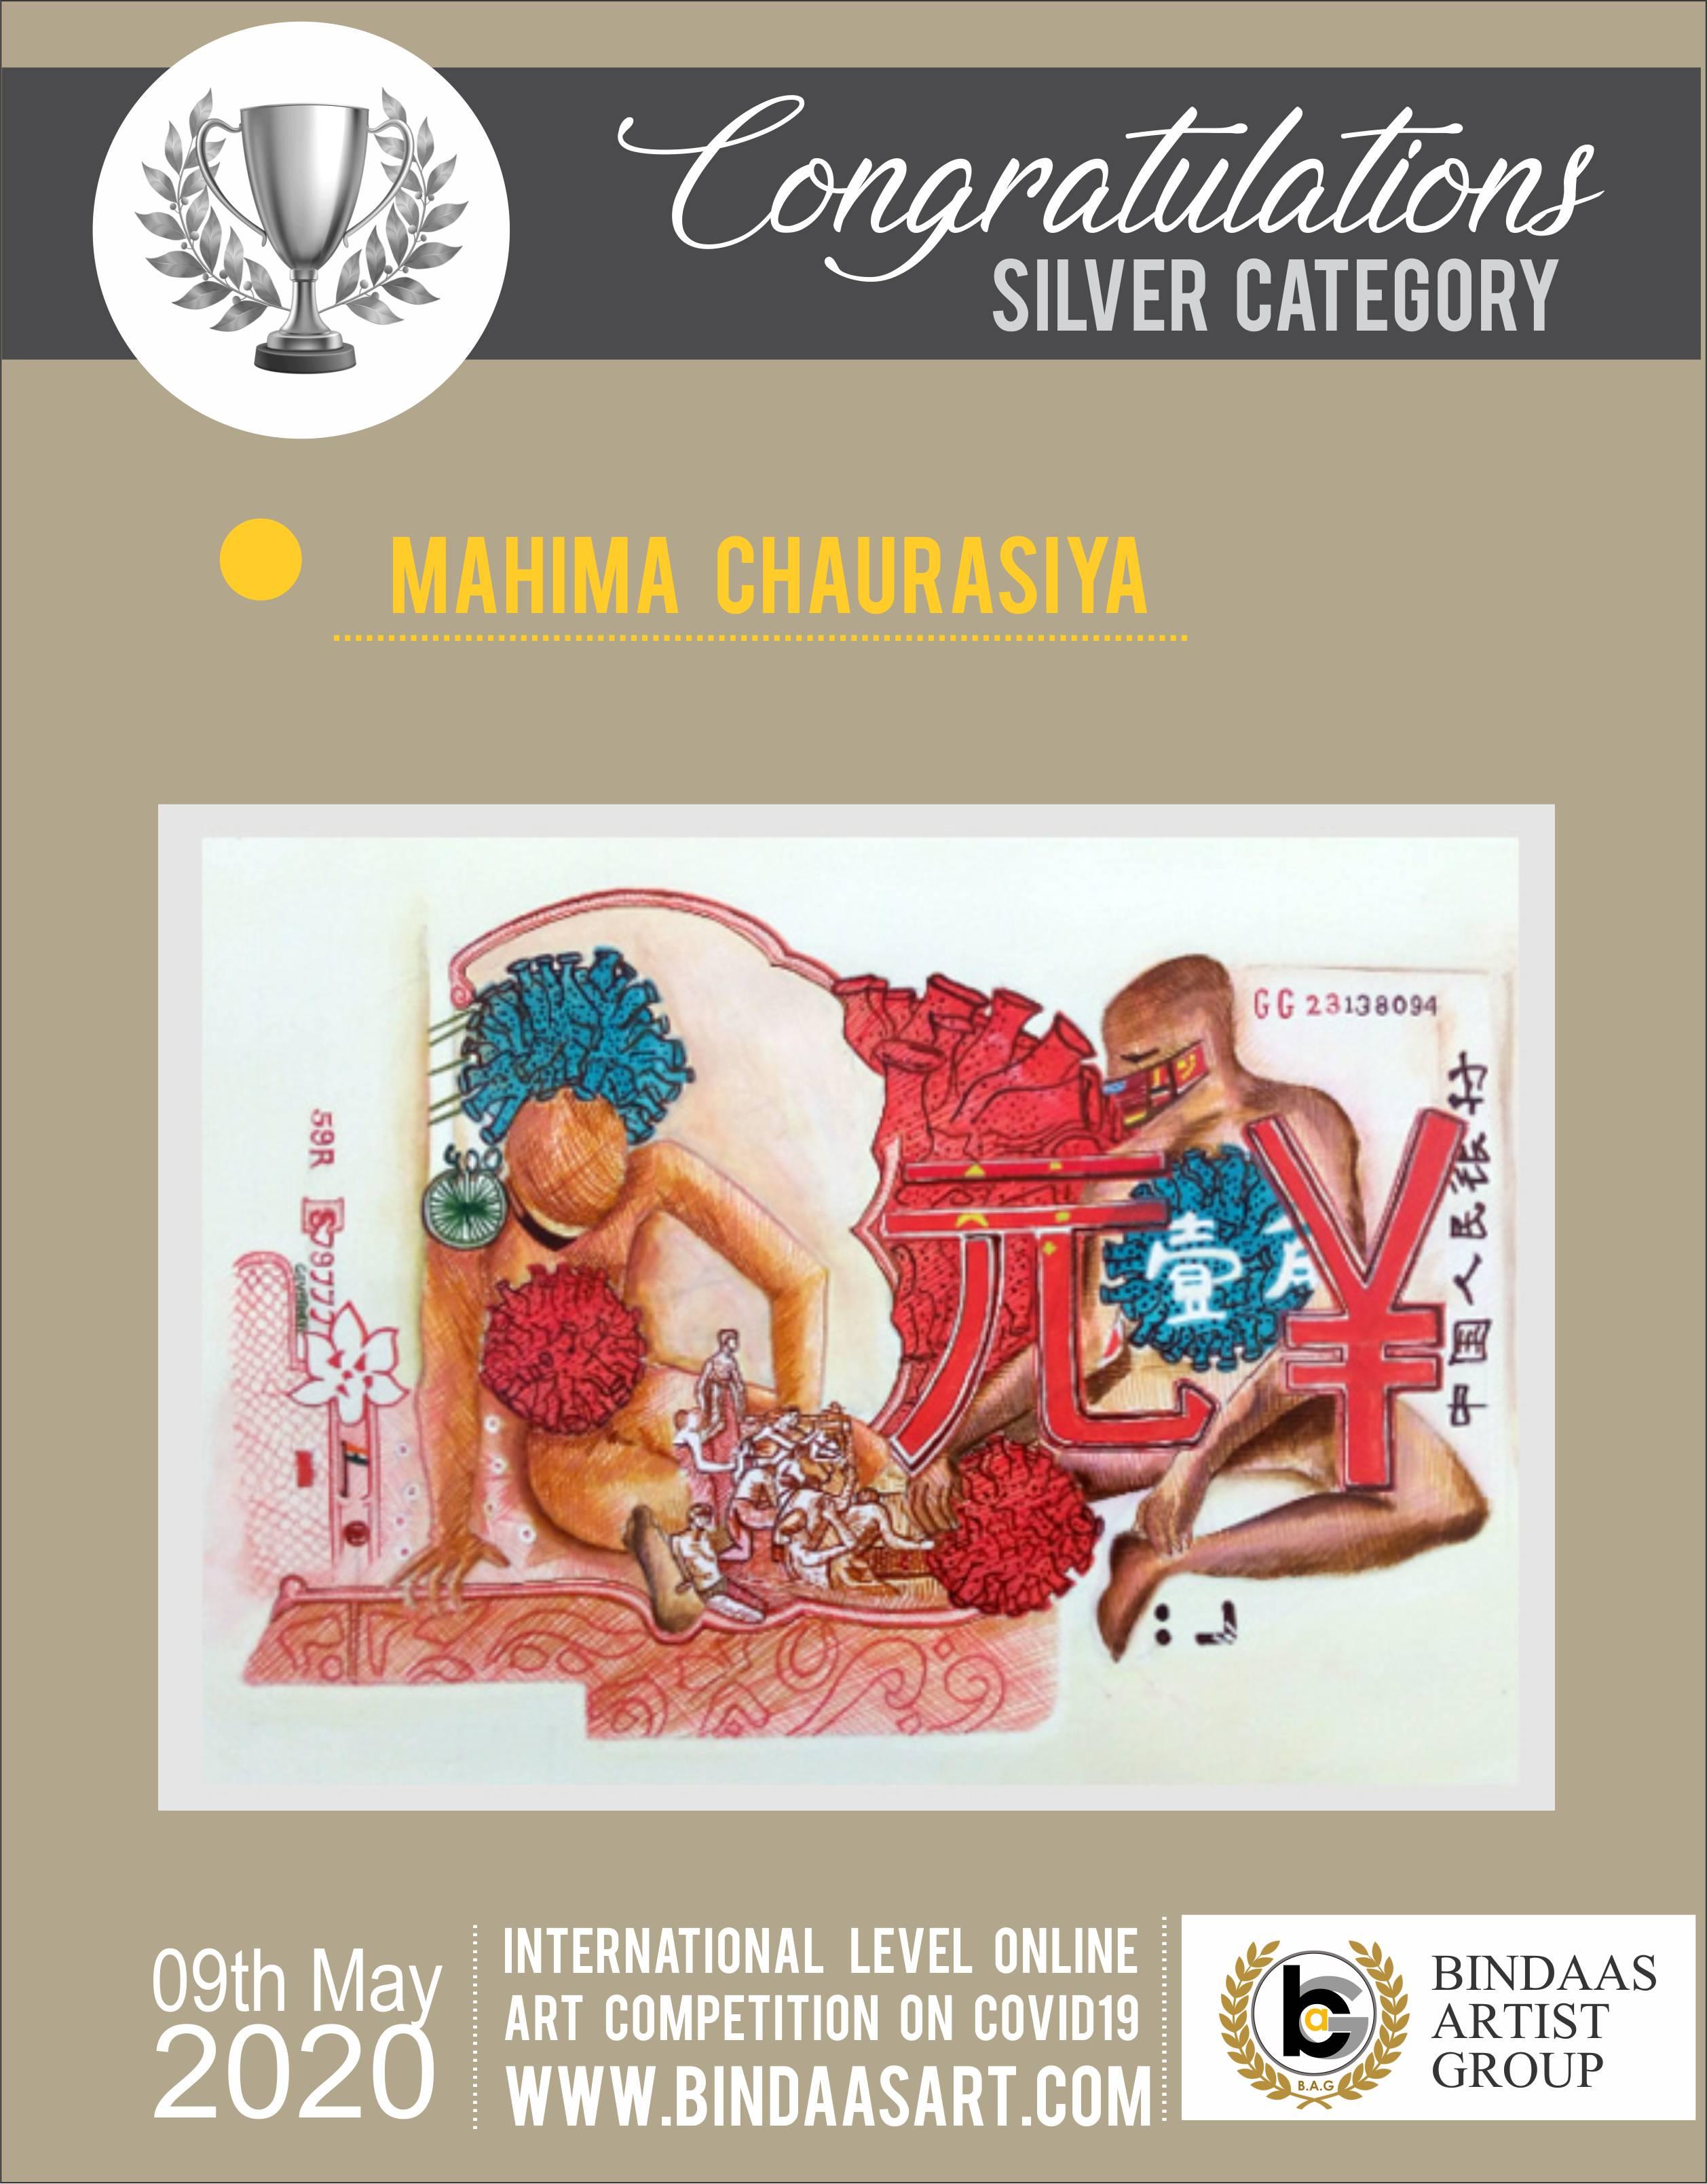 Mahima chaurasiya